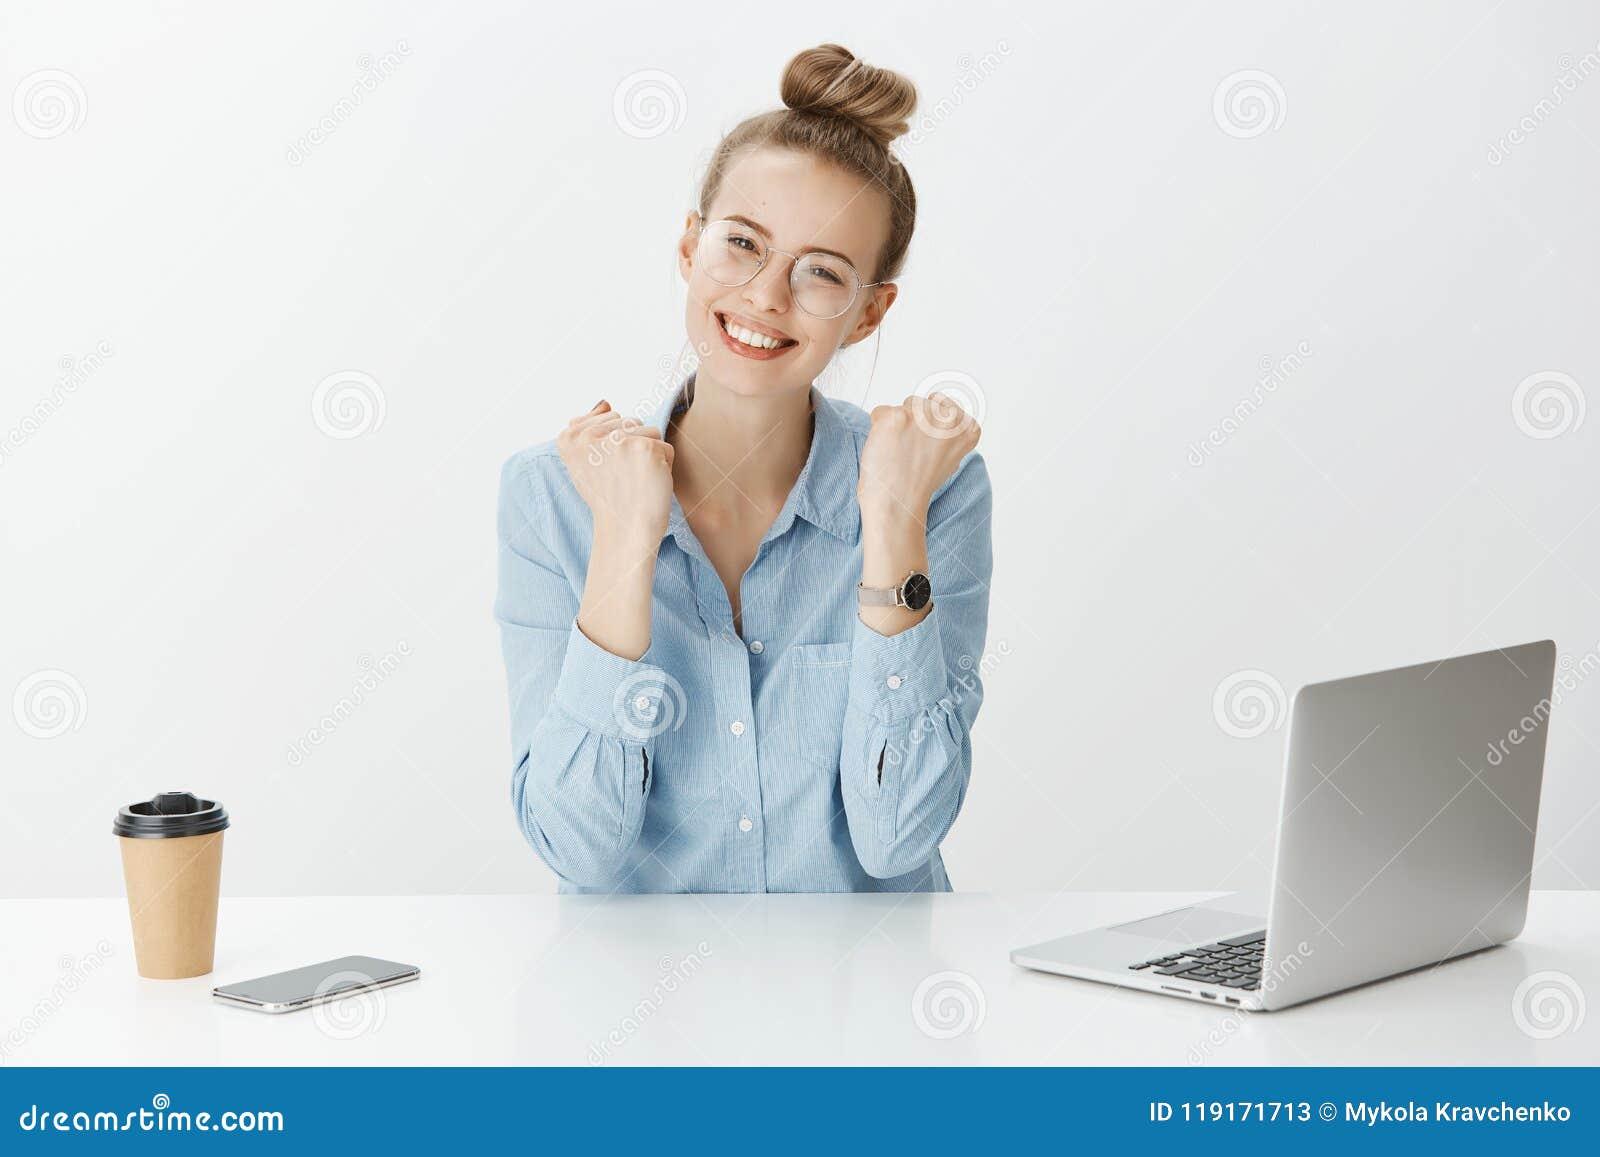 Стильная девушка на работе ростов на дону работа для девушек в